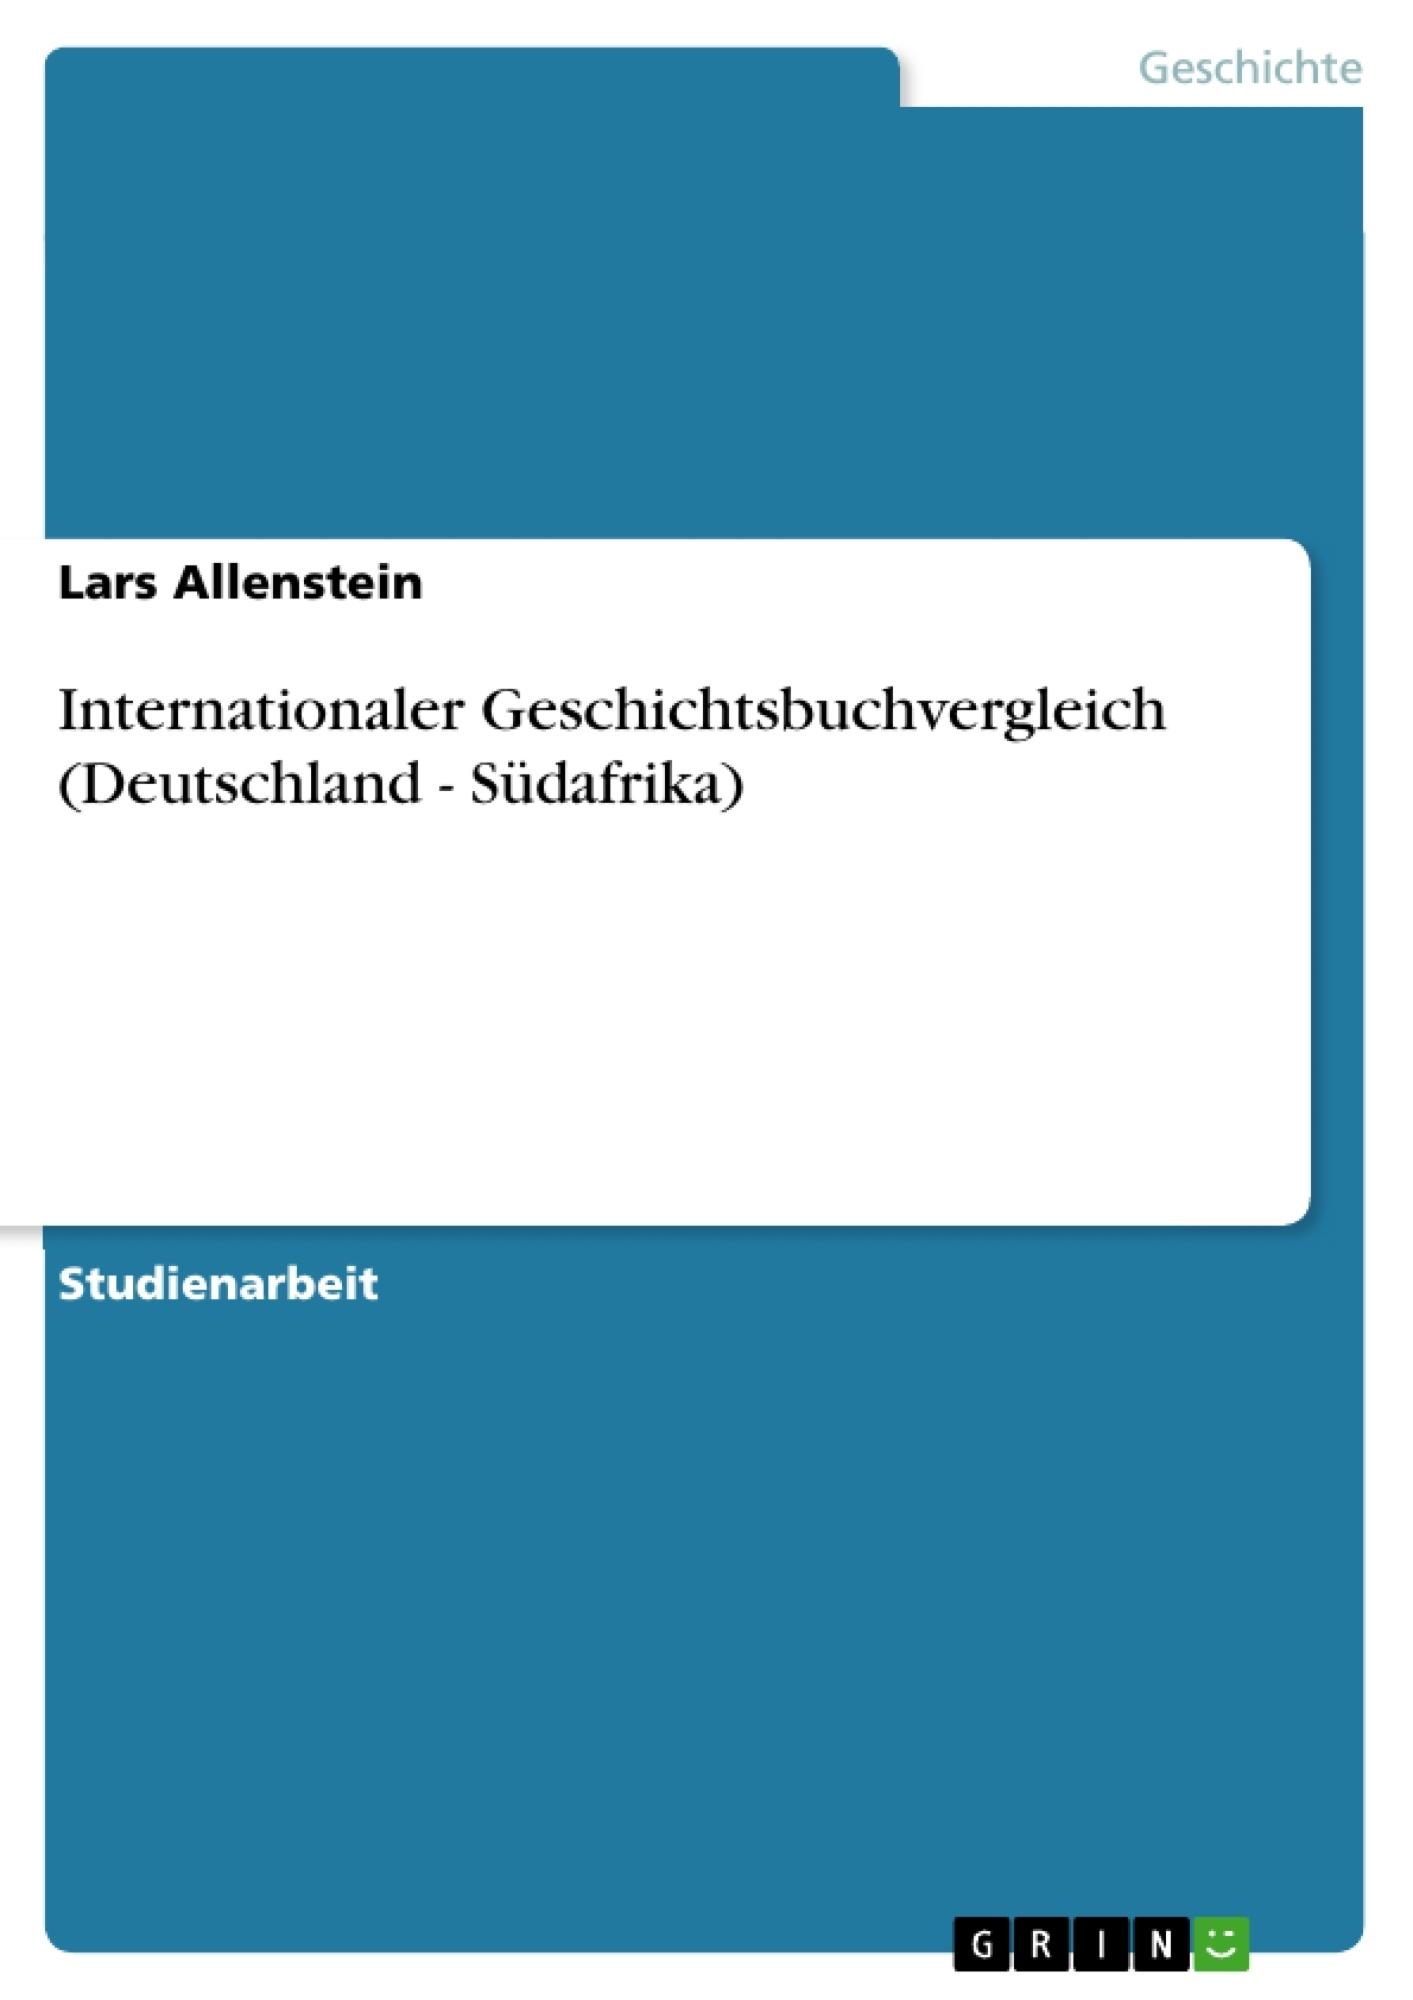 Titel: Internationaler Geschichtsbuchvergleich (Deutschland - Südafrika)